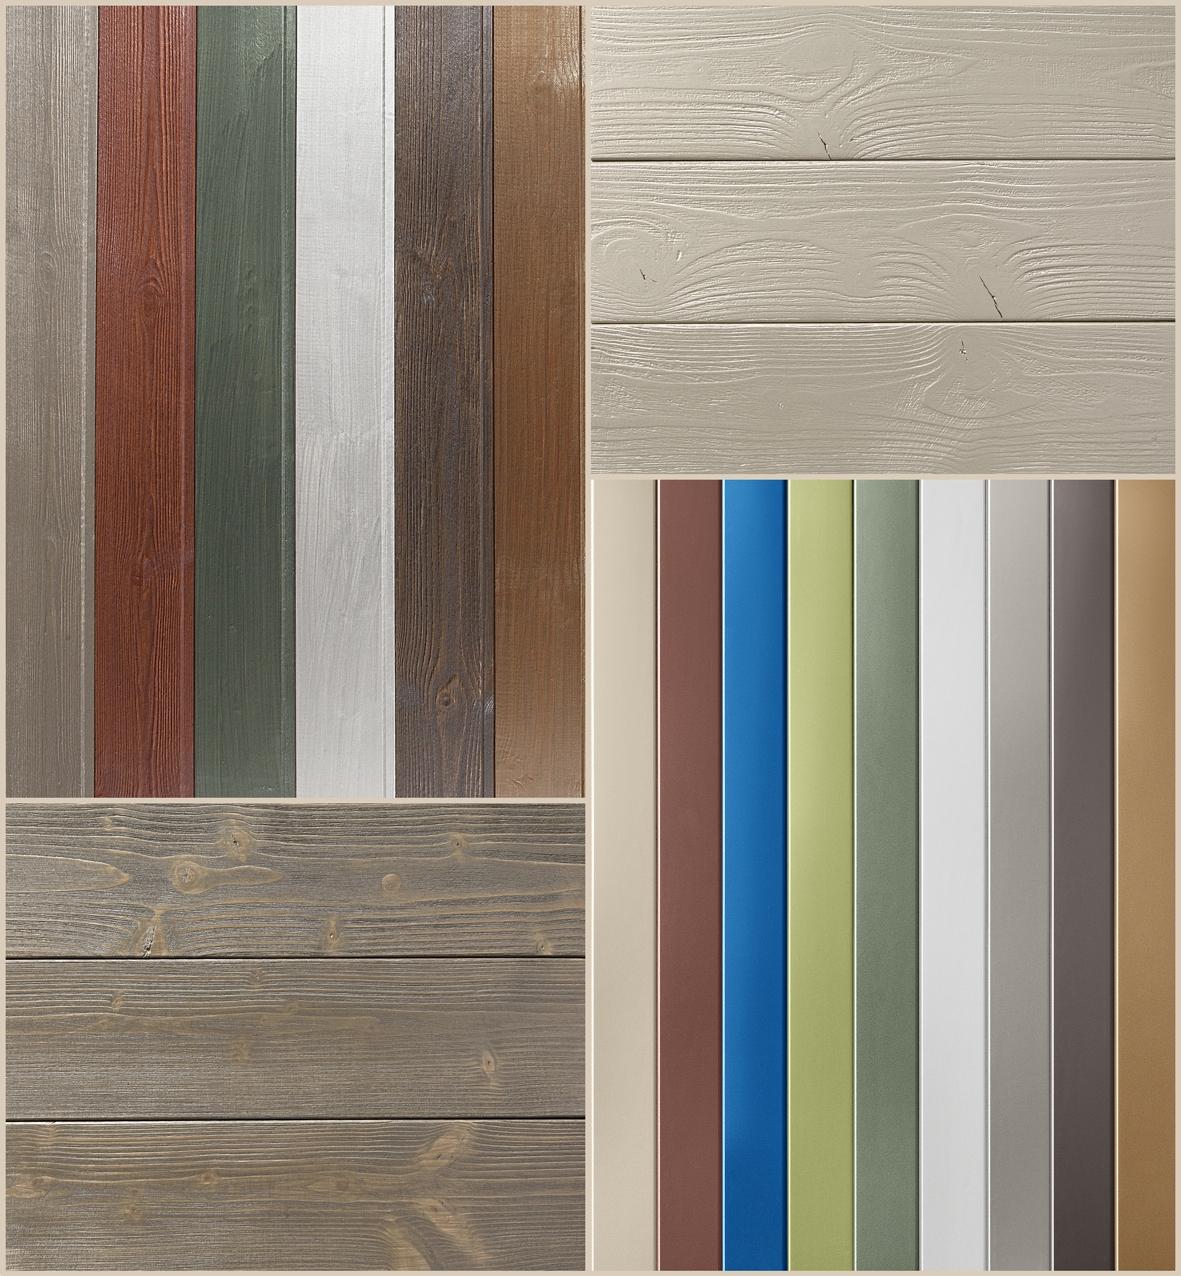 Nuove finiture metallescenti per la verniciatura di serramenti in legno - Serramenti+design